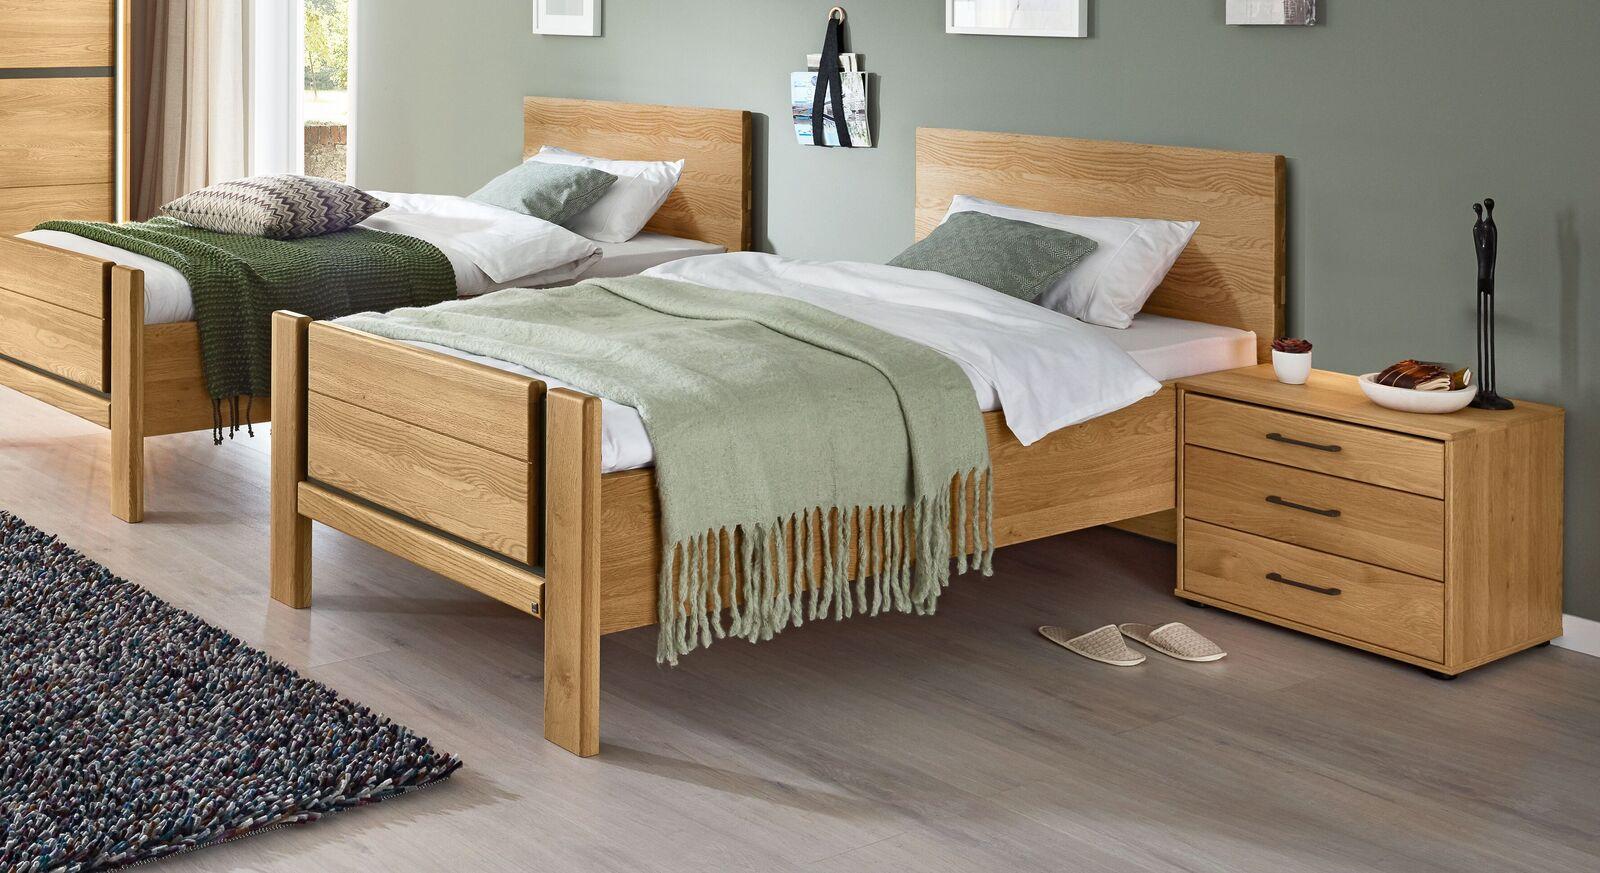 MUSTERRING Komfort-Einzelbett Sorrent mit Kopf- und Fußteil